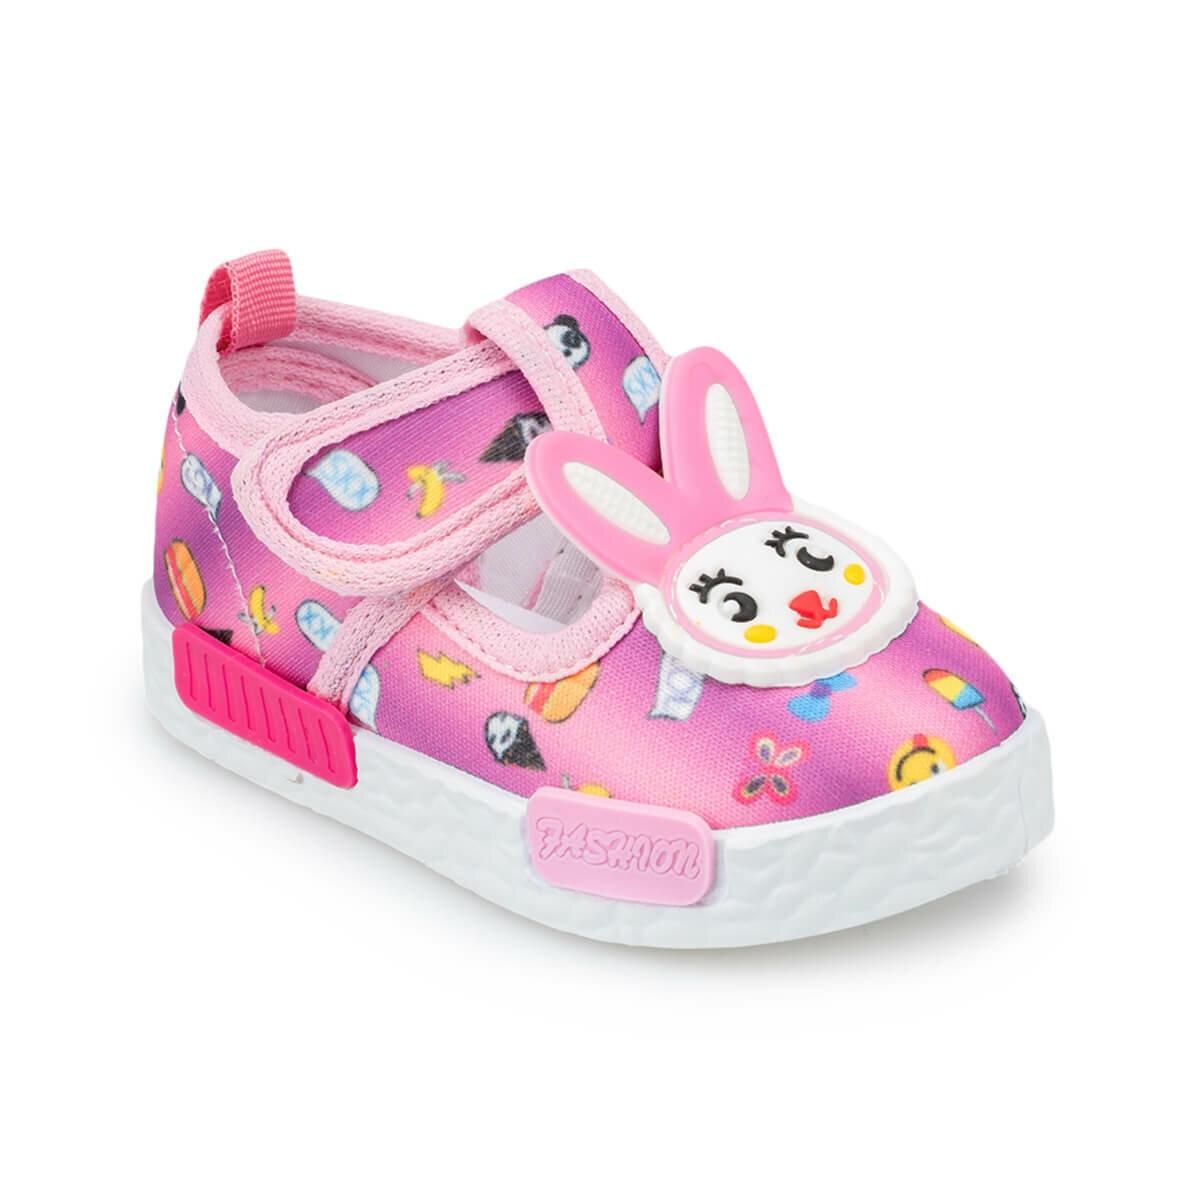 FLO 91.510173.I Pink Female Child Shoes Polaris